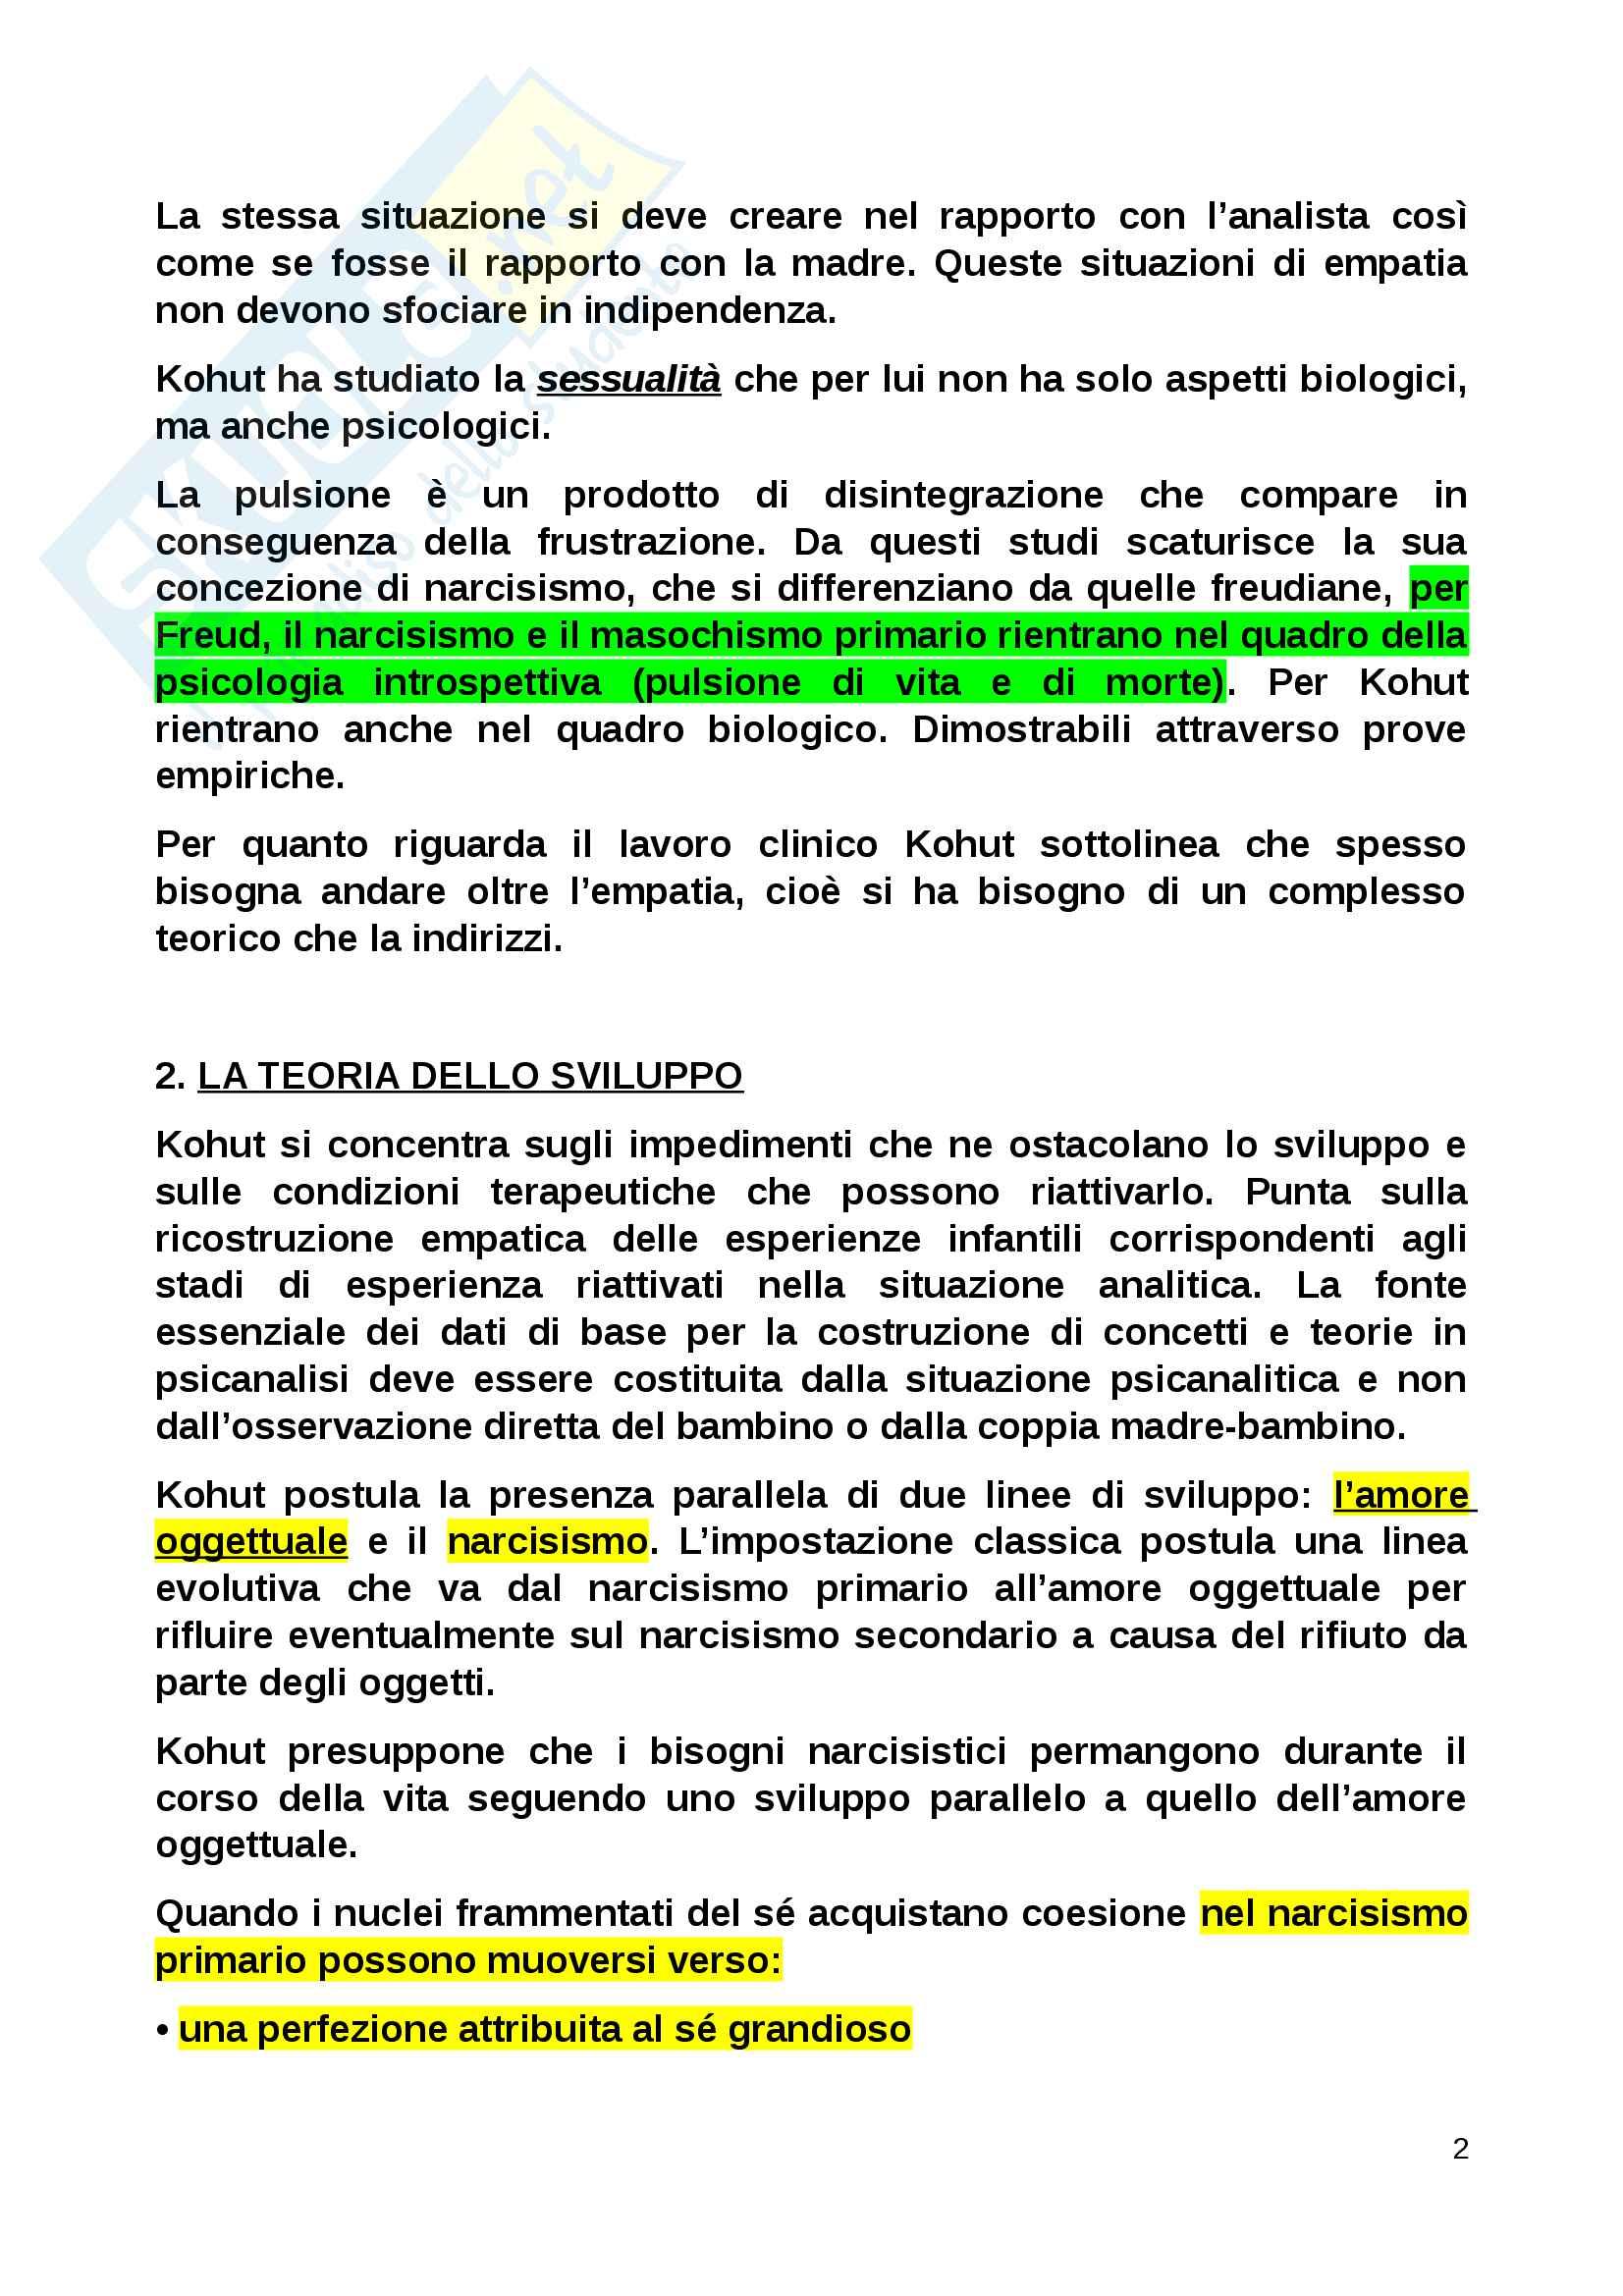 Riassunto esame Psicologia dinamica, prof. Kohut, libro consigliato Manuale di psicologia dinamica, Zavattini Pag. 2